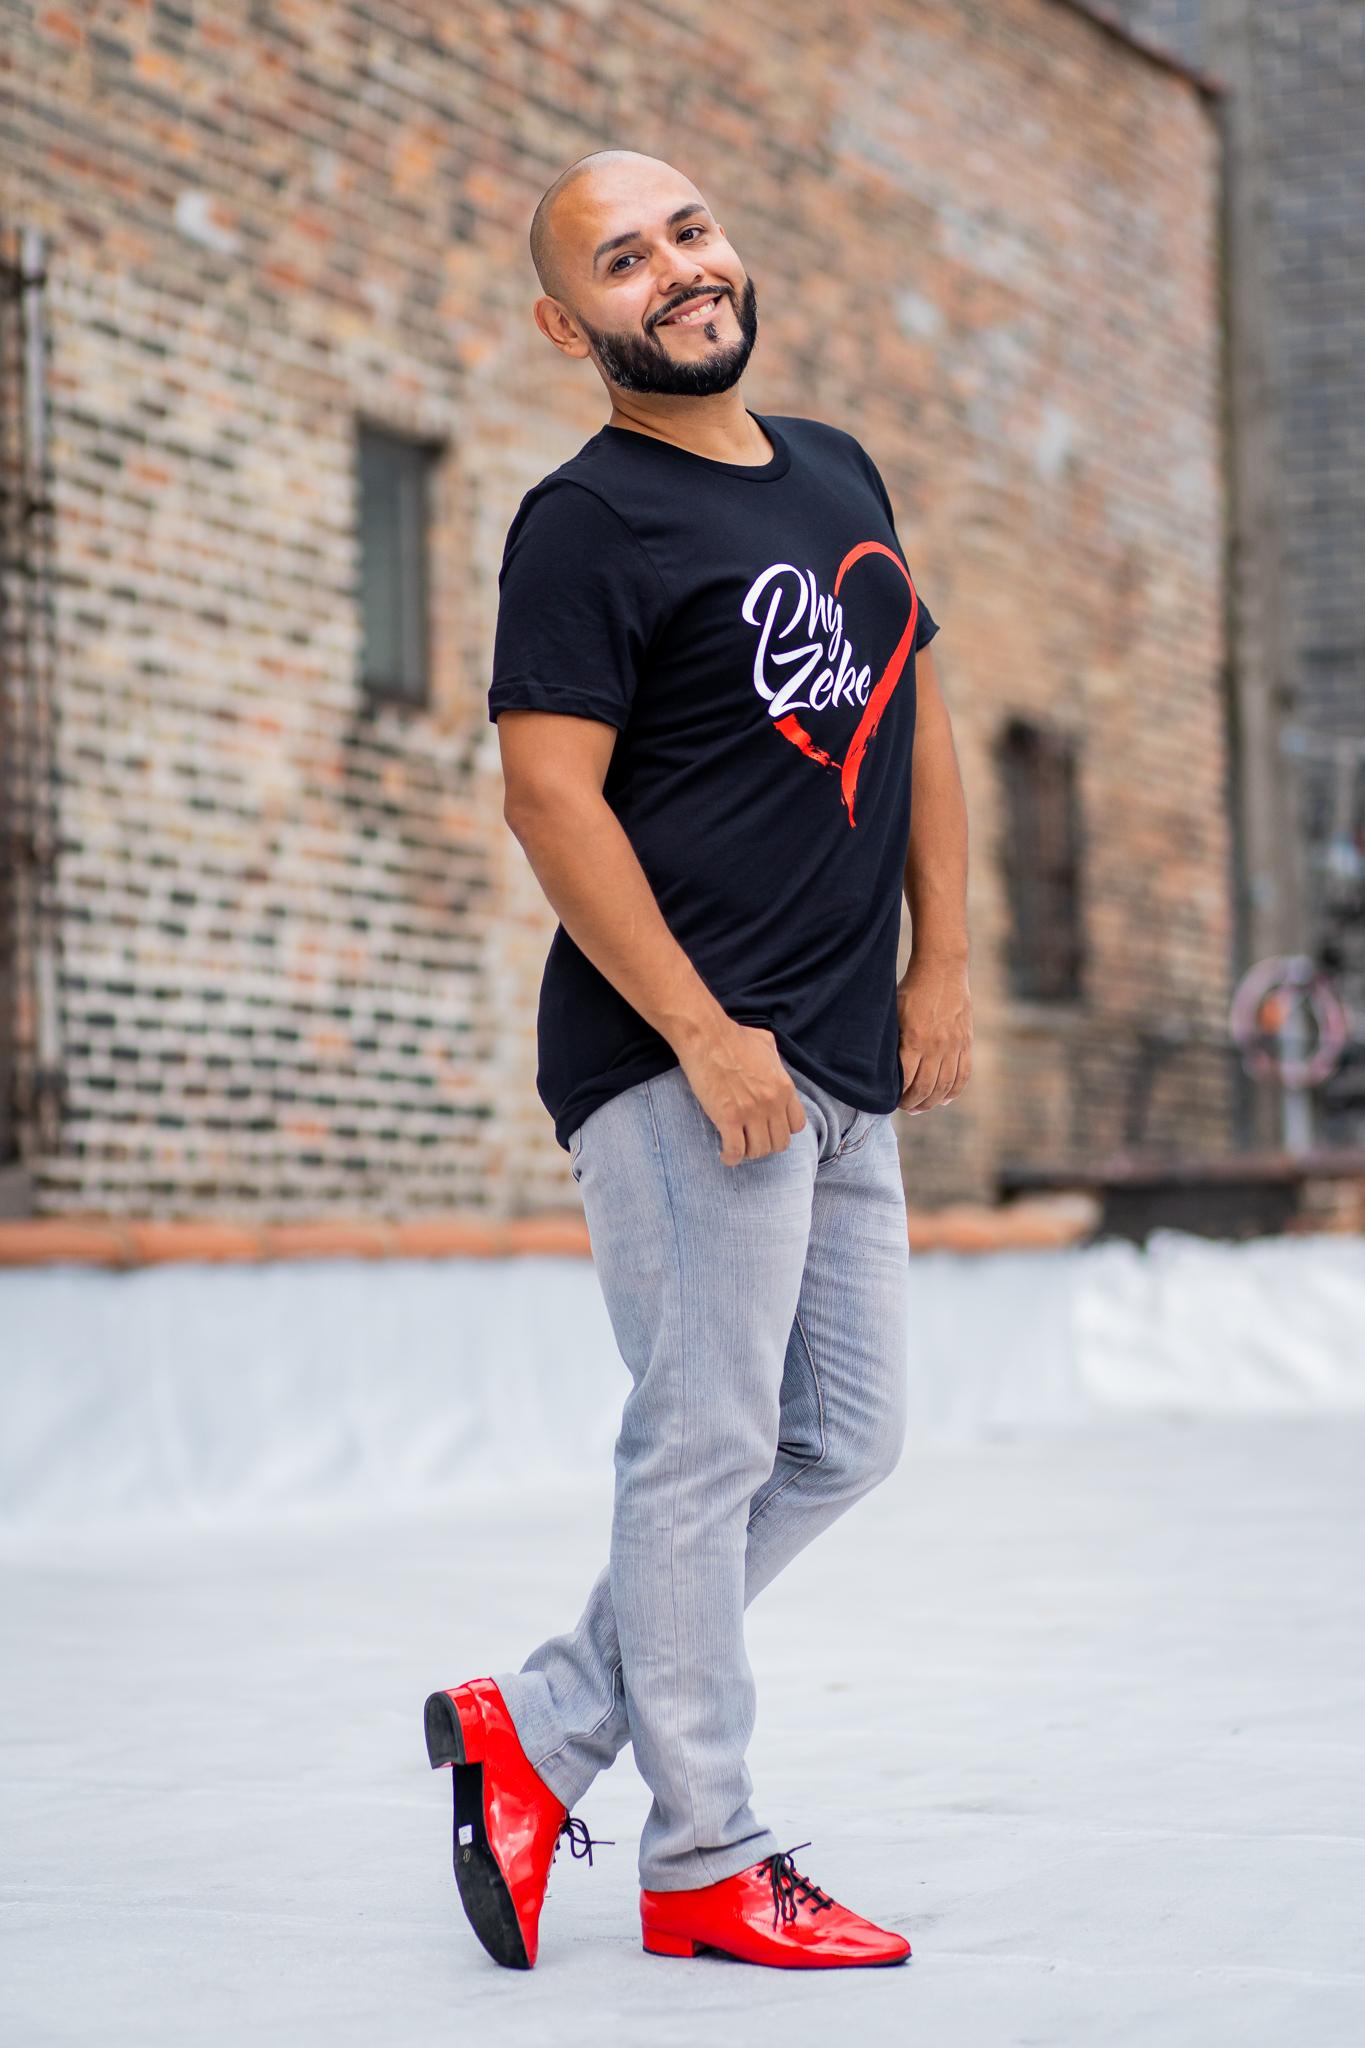 Zeke T-Shirt